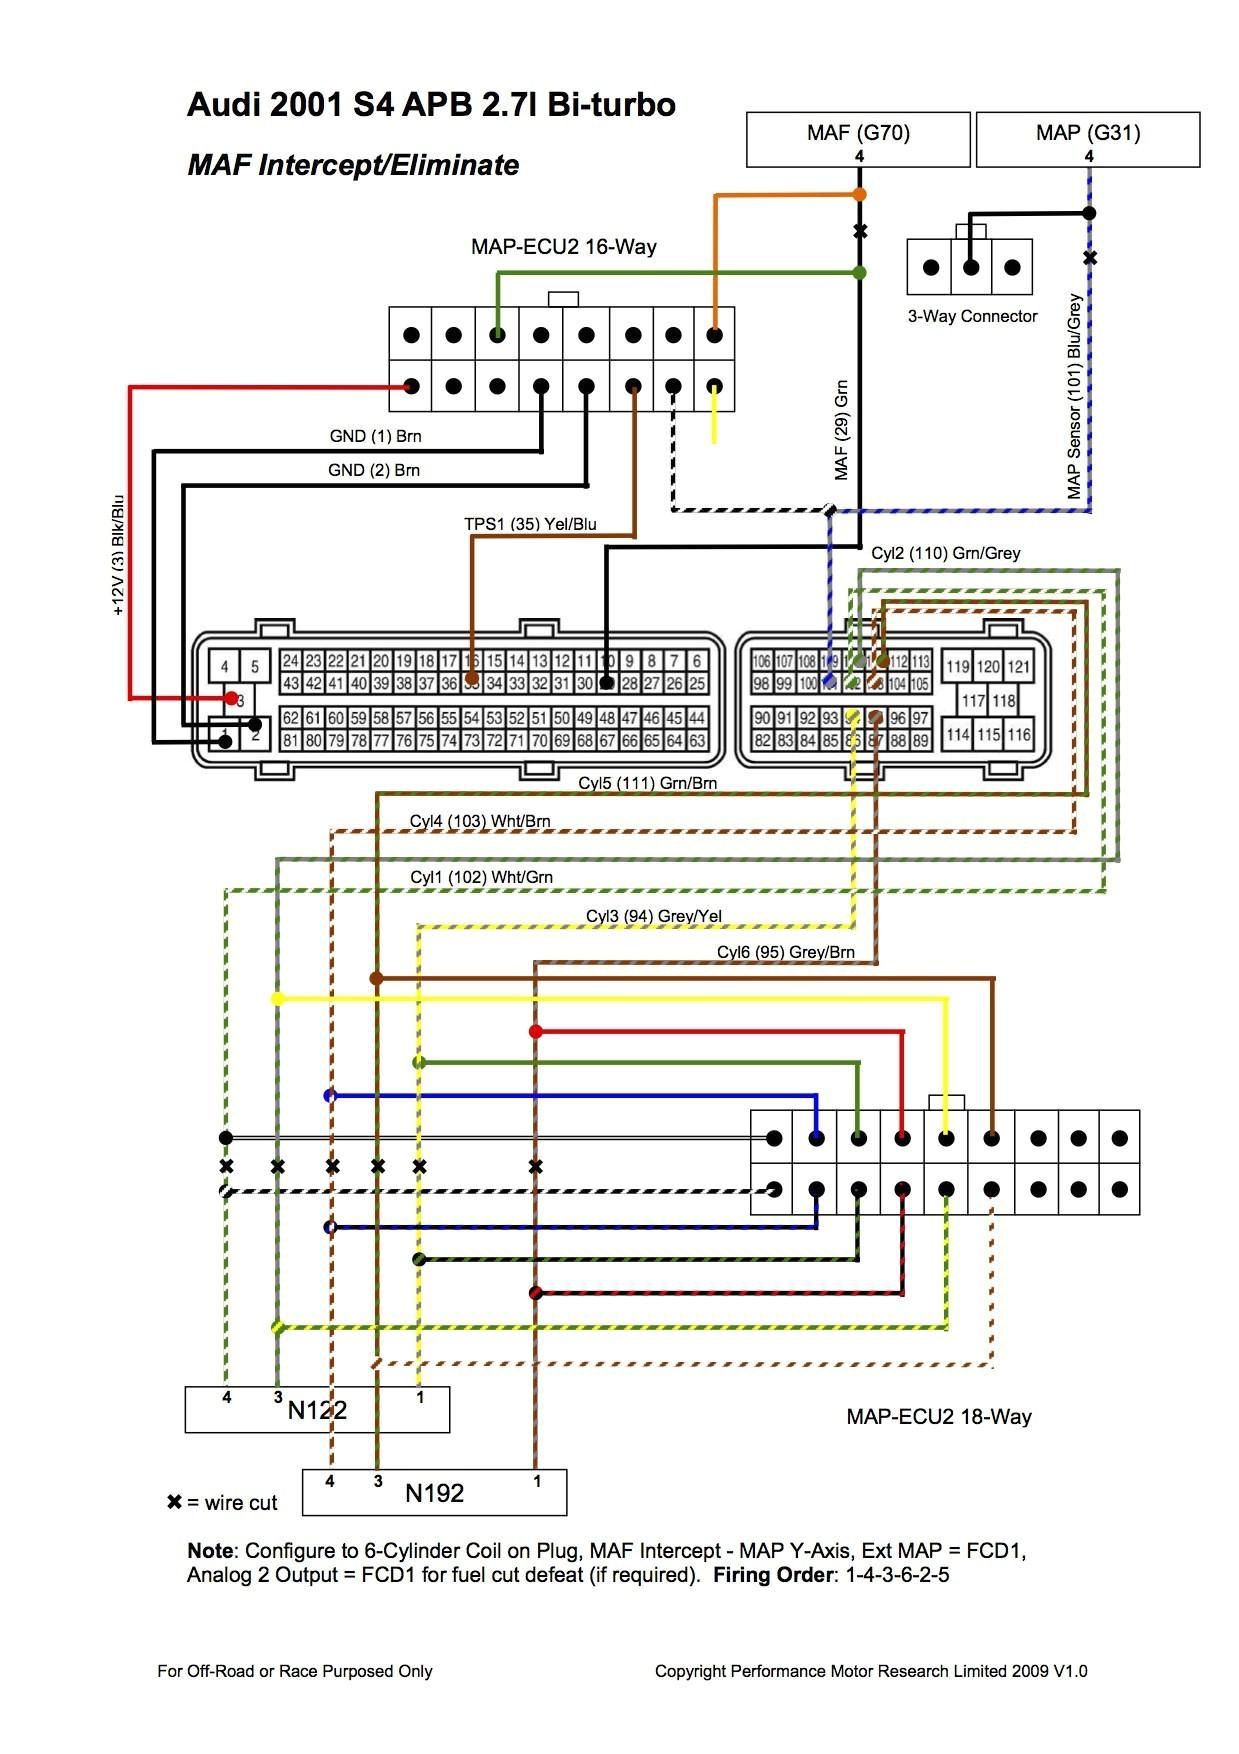 kenwood kdc 108 wiring harness blog wiring diagram wiring diagram for kenwood kdc108 solved